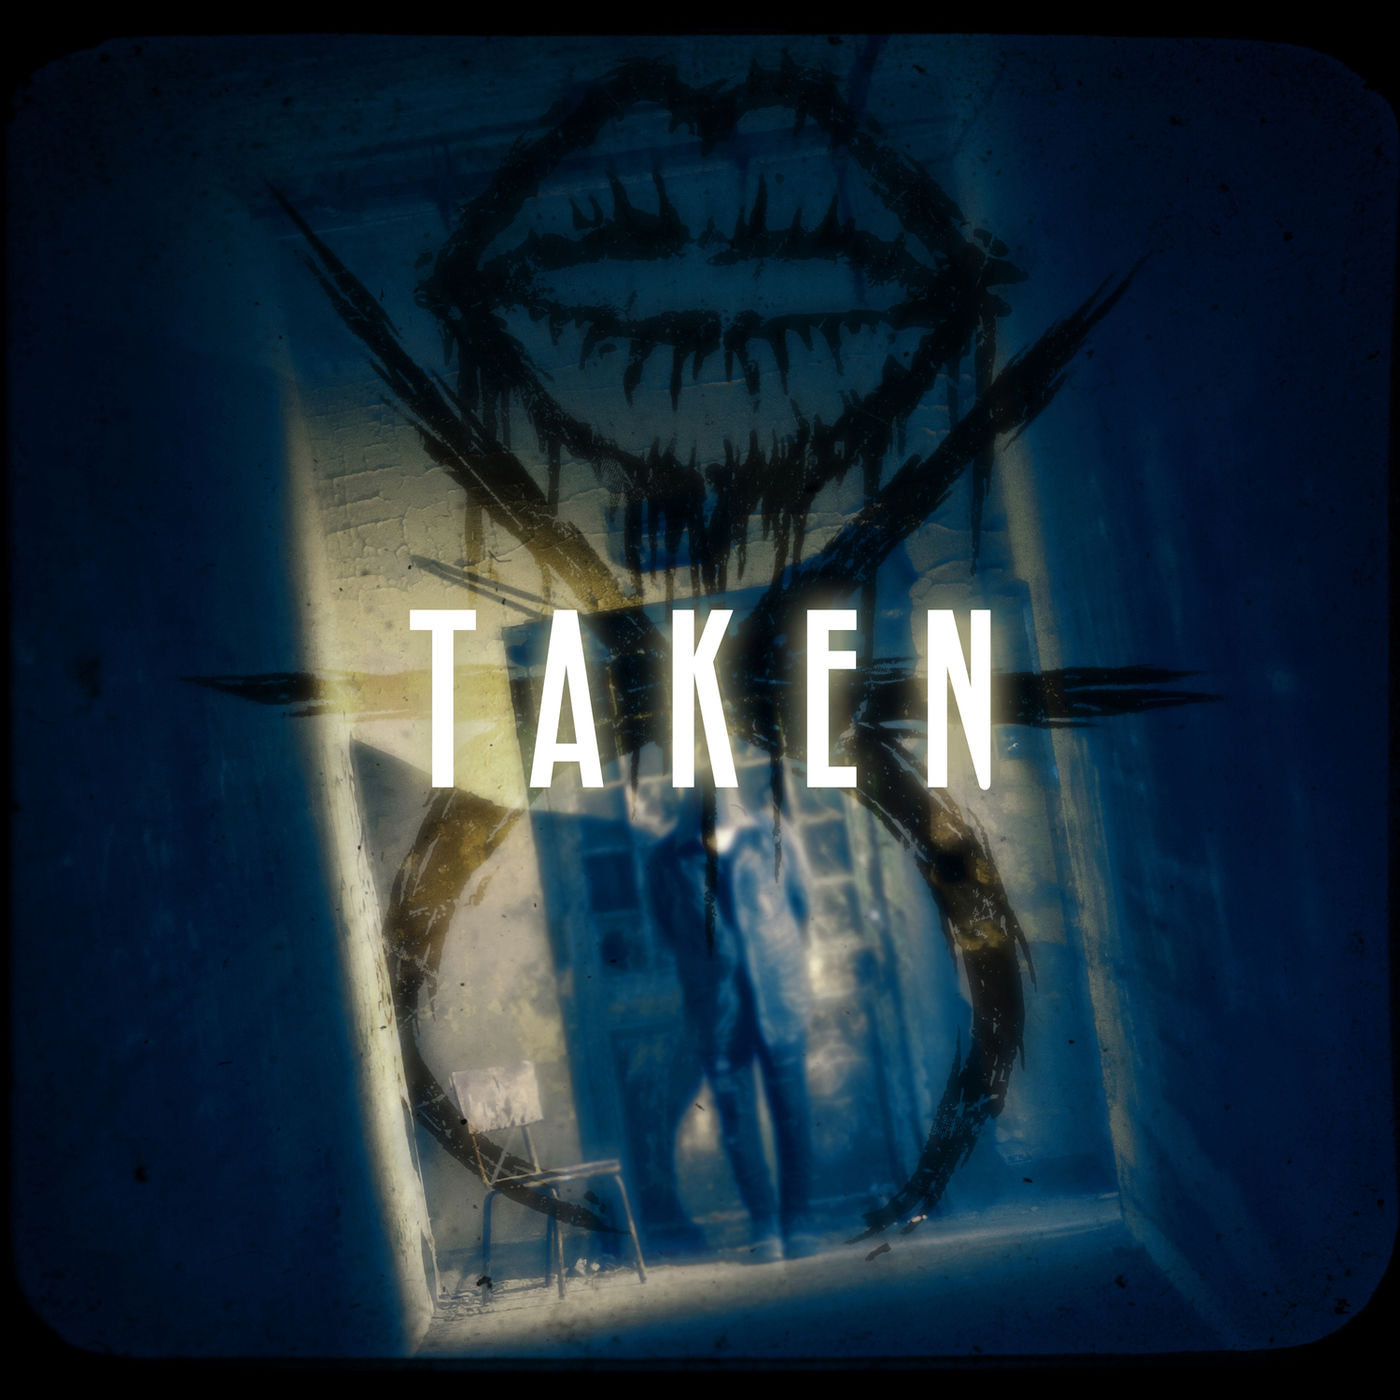 TAKEN - SINGLE (2016)   Victory Records   1. Taken